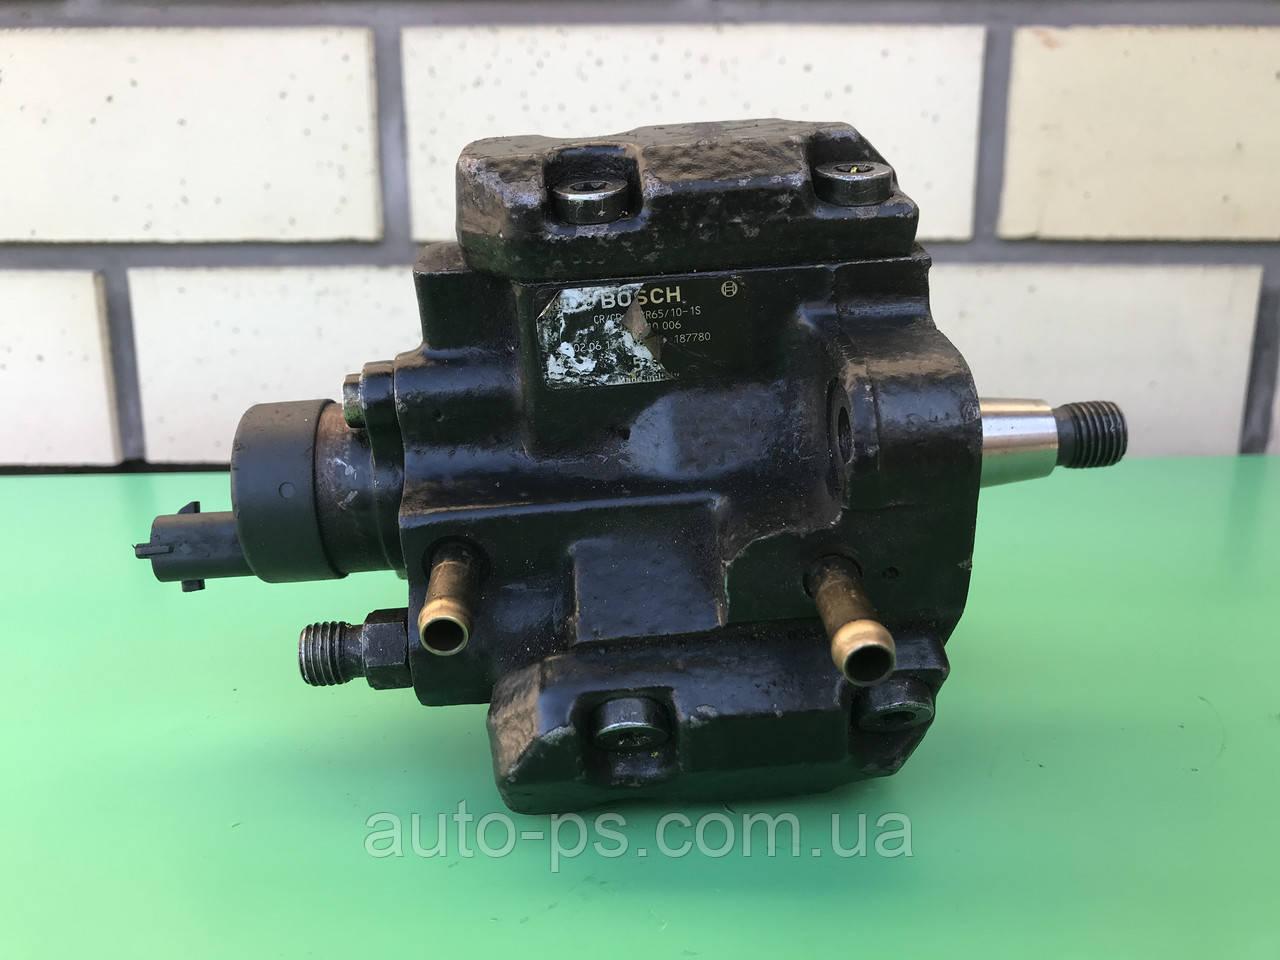 Топливный насос высокого давления (ТНВД) Fiat Marea 2.4JTD 1999-2002 год